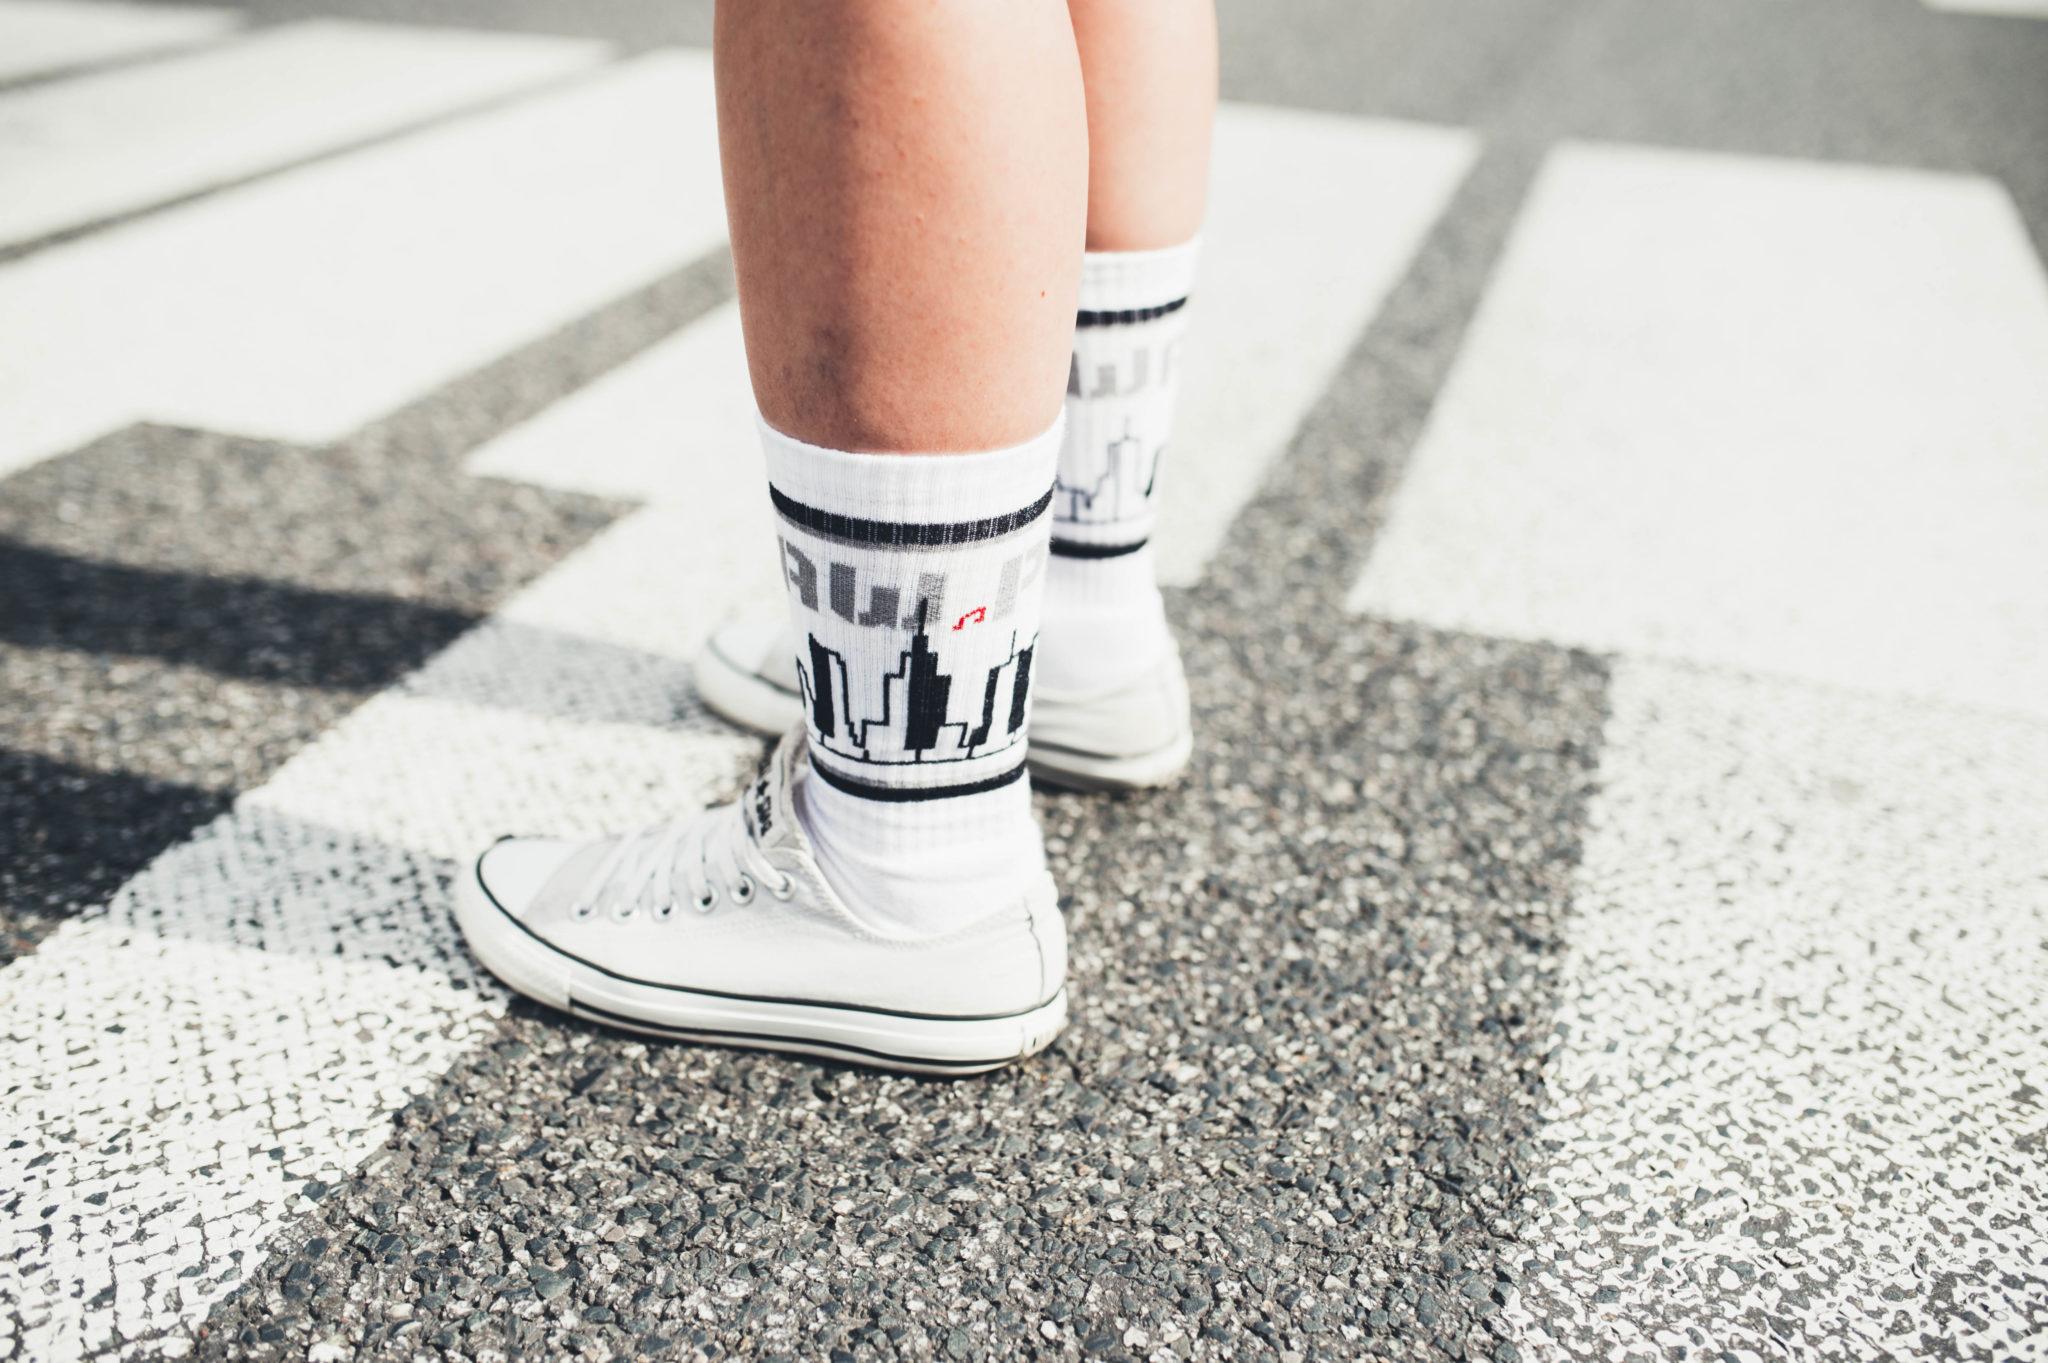 Nogi w białych butach i skarpetkach z motywem Warszawy